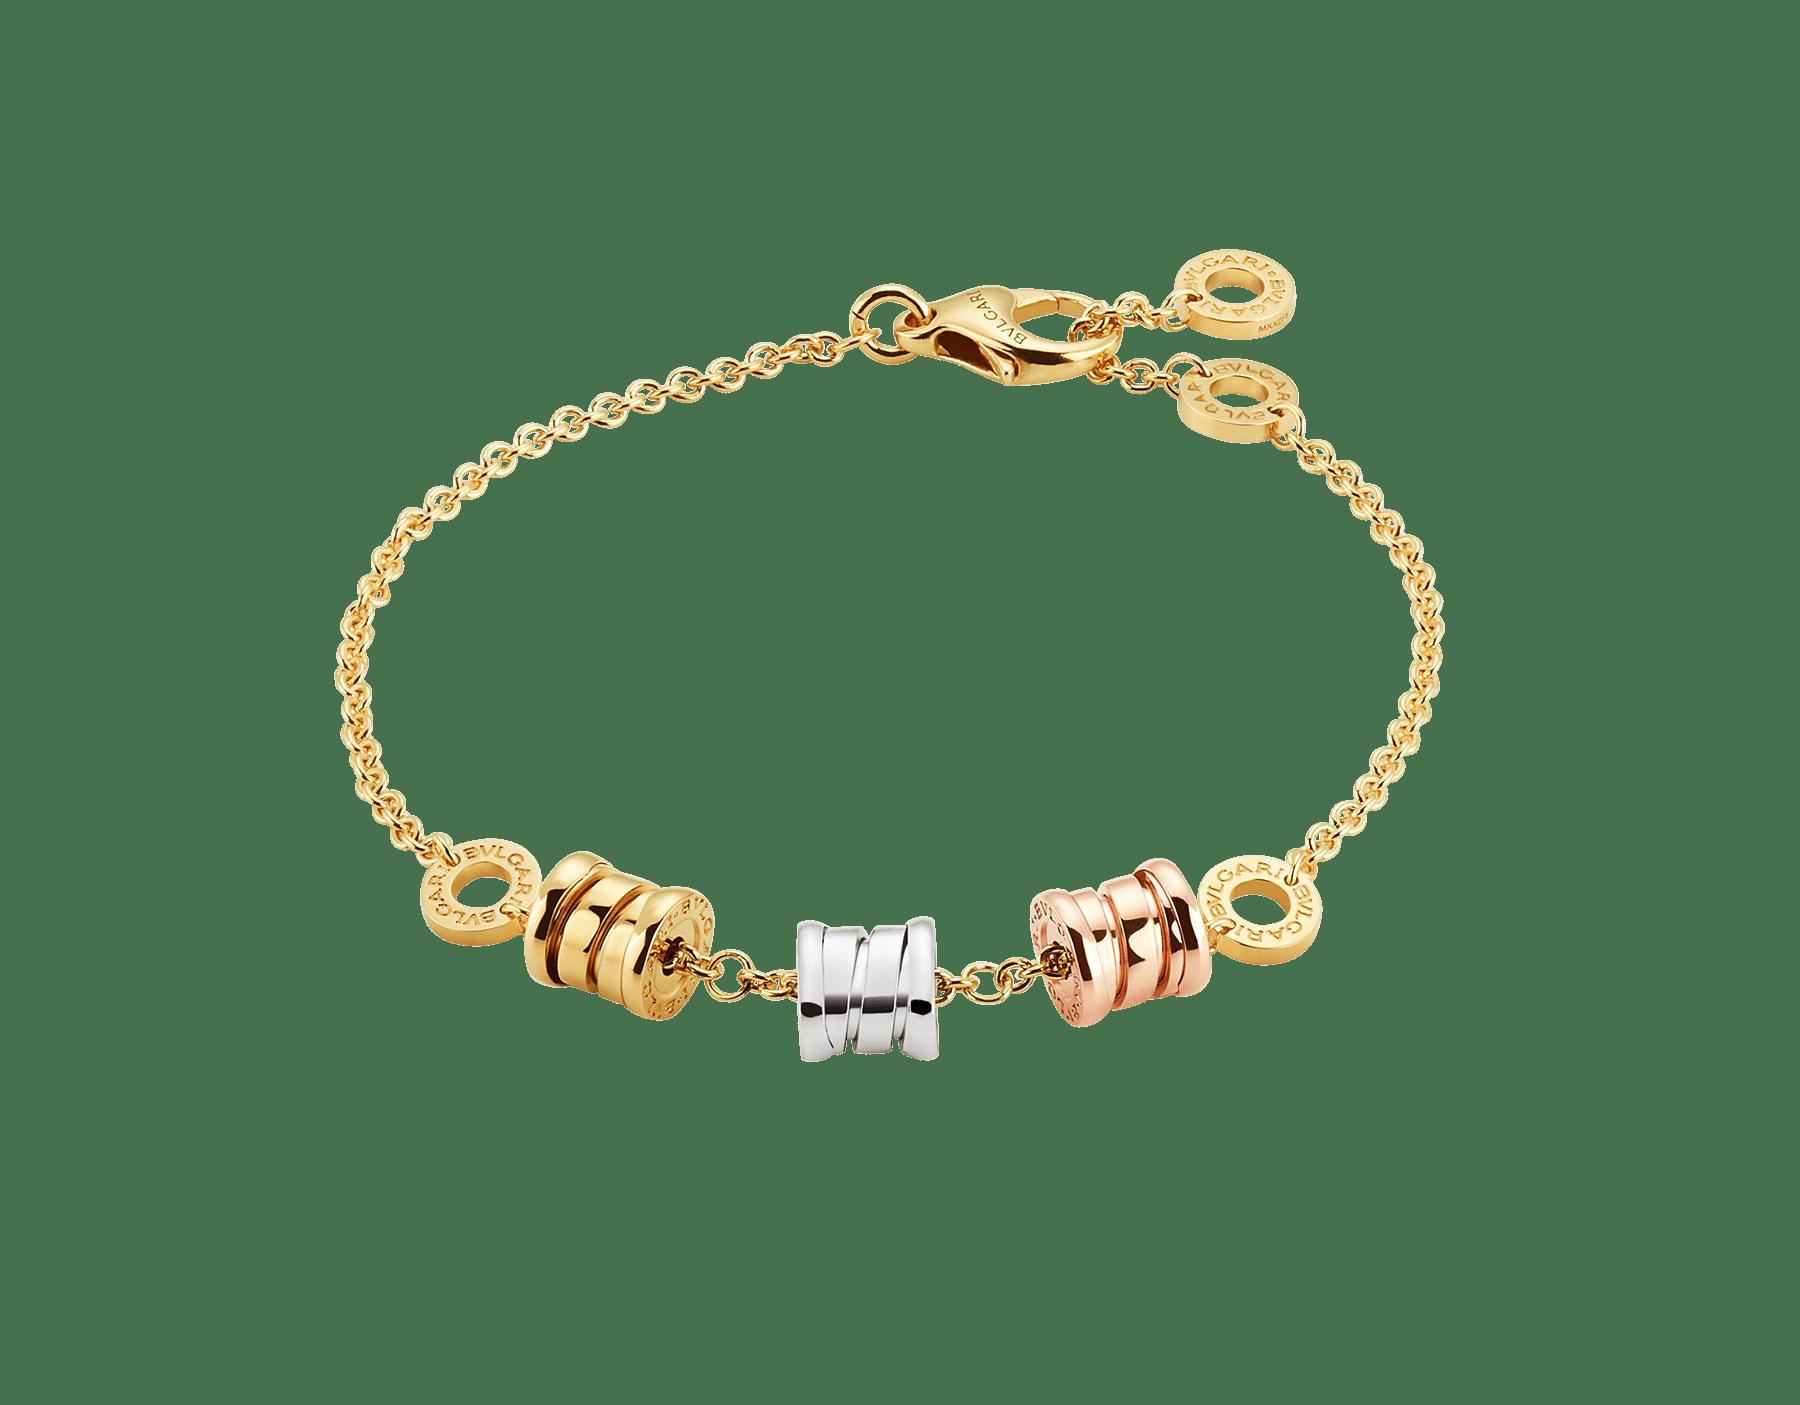 Con tres espirales en todos los colores del oro alrededor de una cadena flexible, la pulsera B.zero1 revela su espíritu contemporáneo con un distintivo diseño e insólitas combinaciones de color. BR853666 image 1